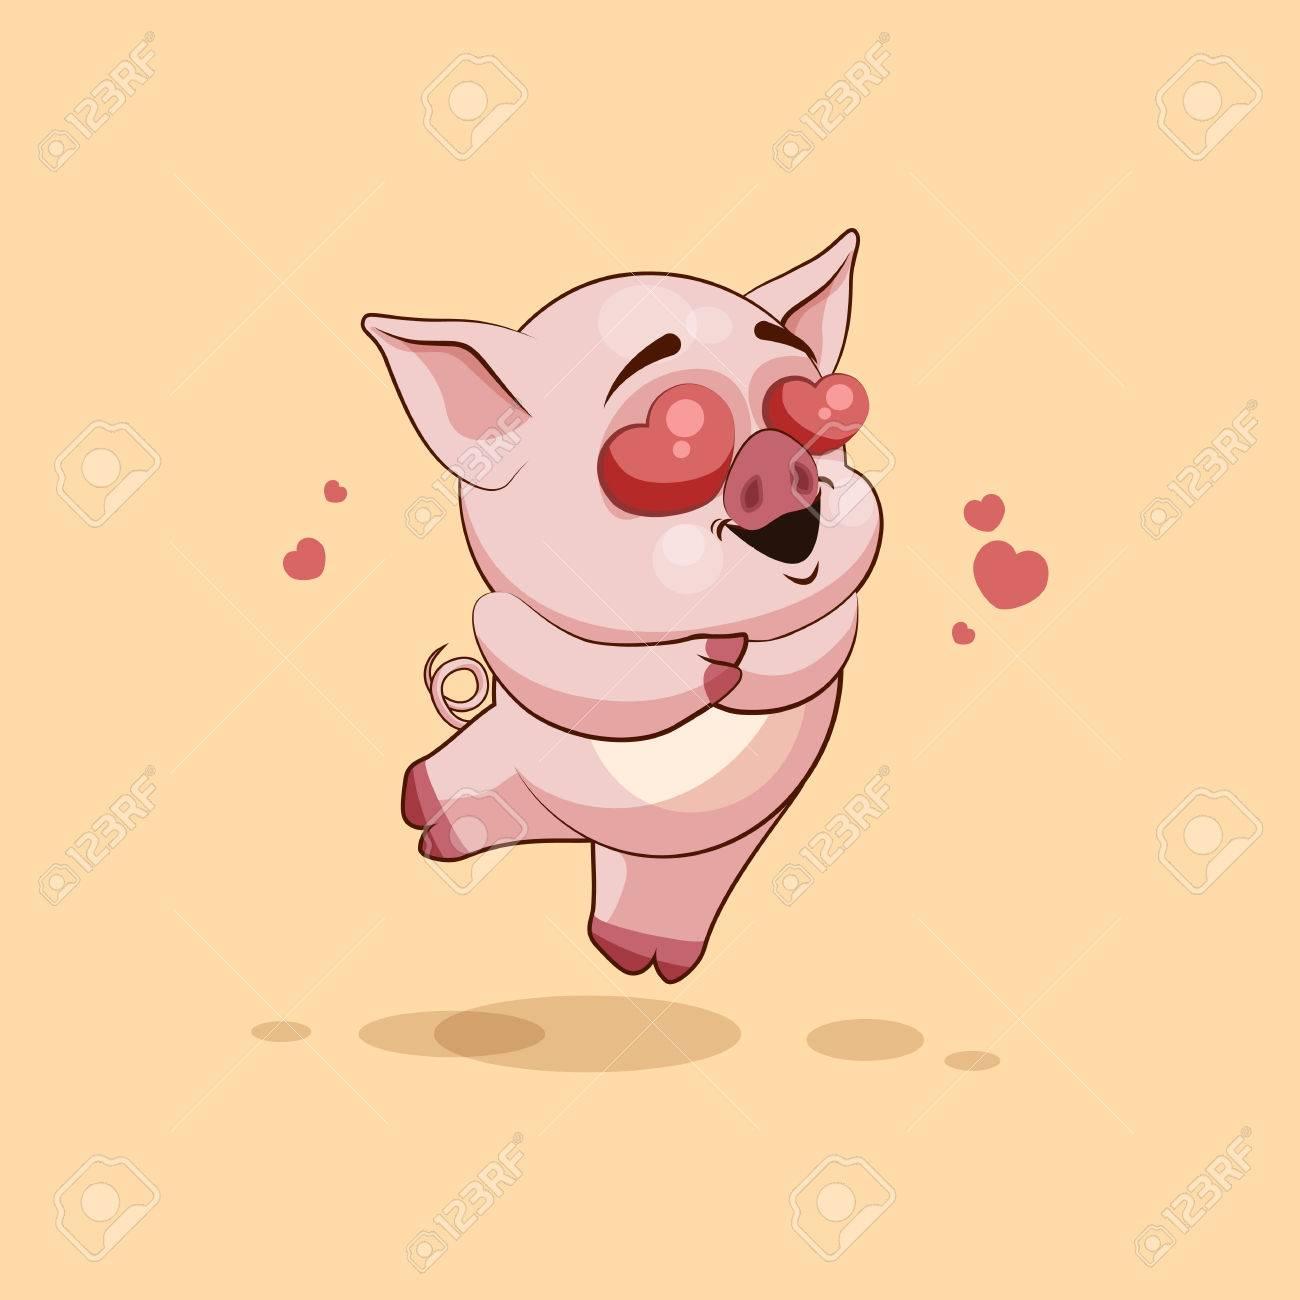 banque dimages vector illustration isol emoji dessin anim cochon dans lamour voler avec des coeurs autocollant moticne pour le site